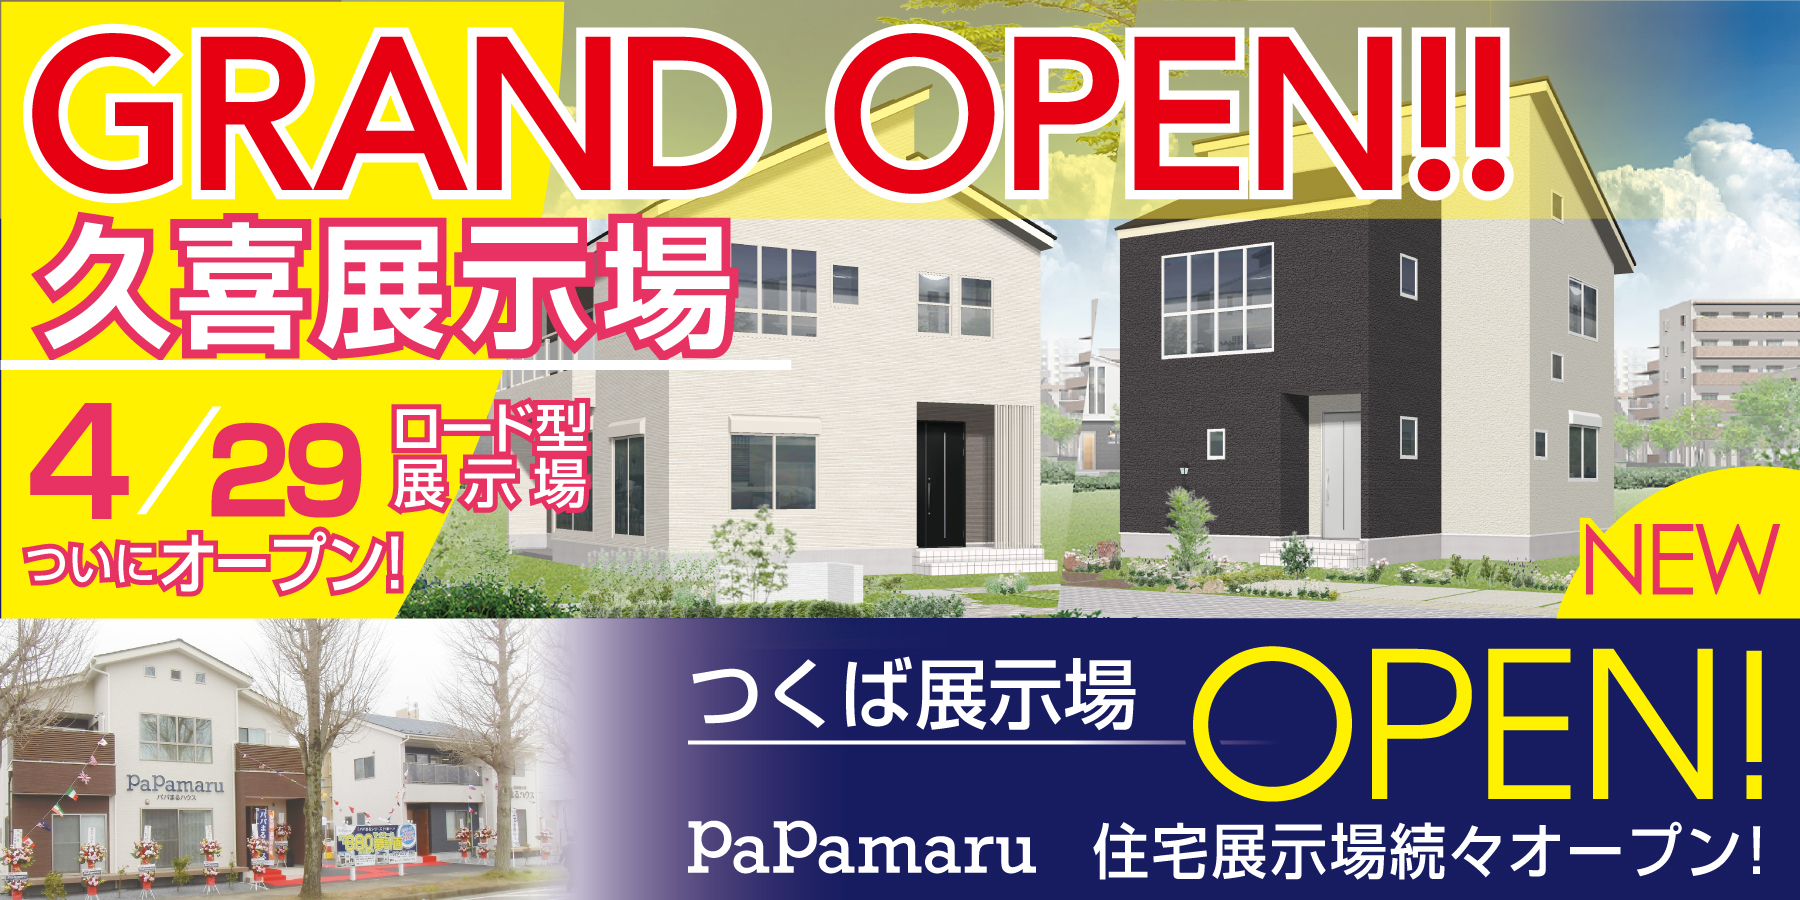 埼玉県久喜:ロード型展示場OPEN